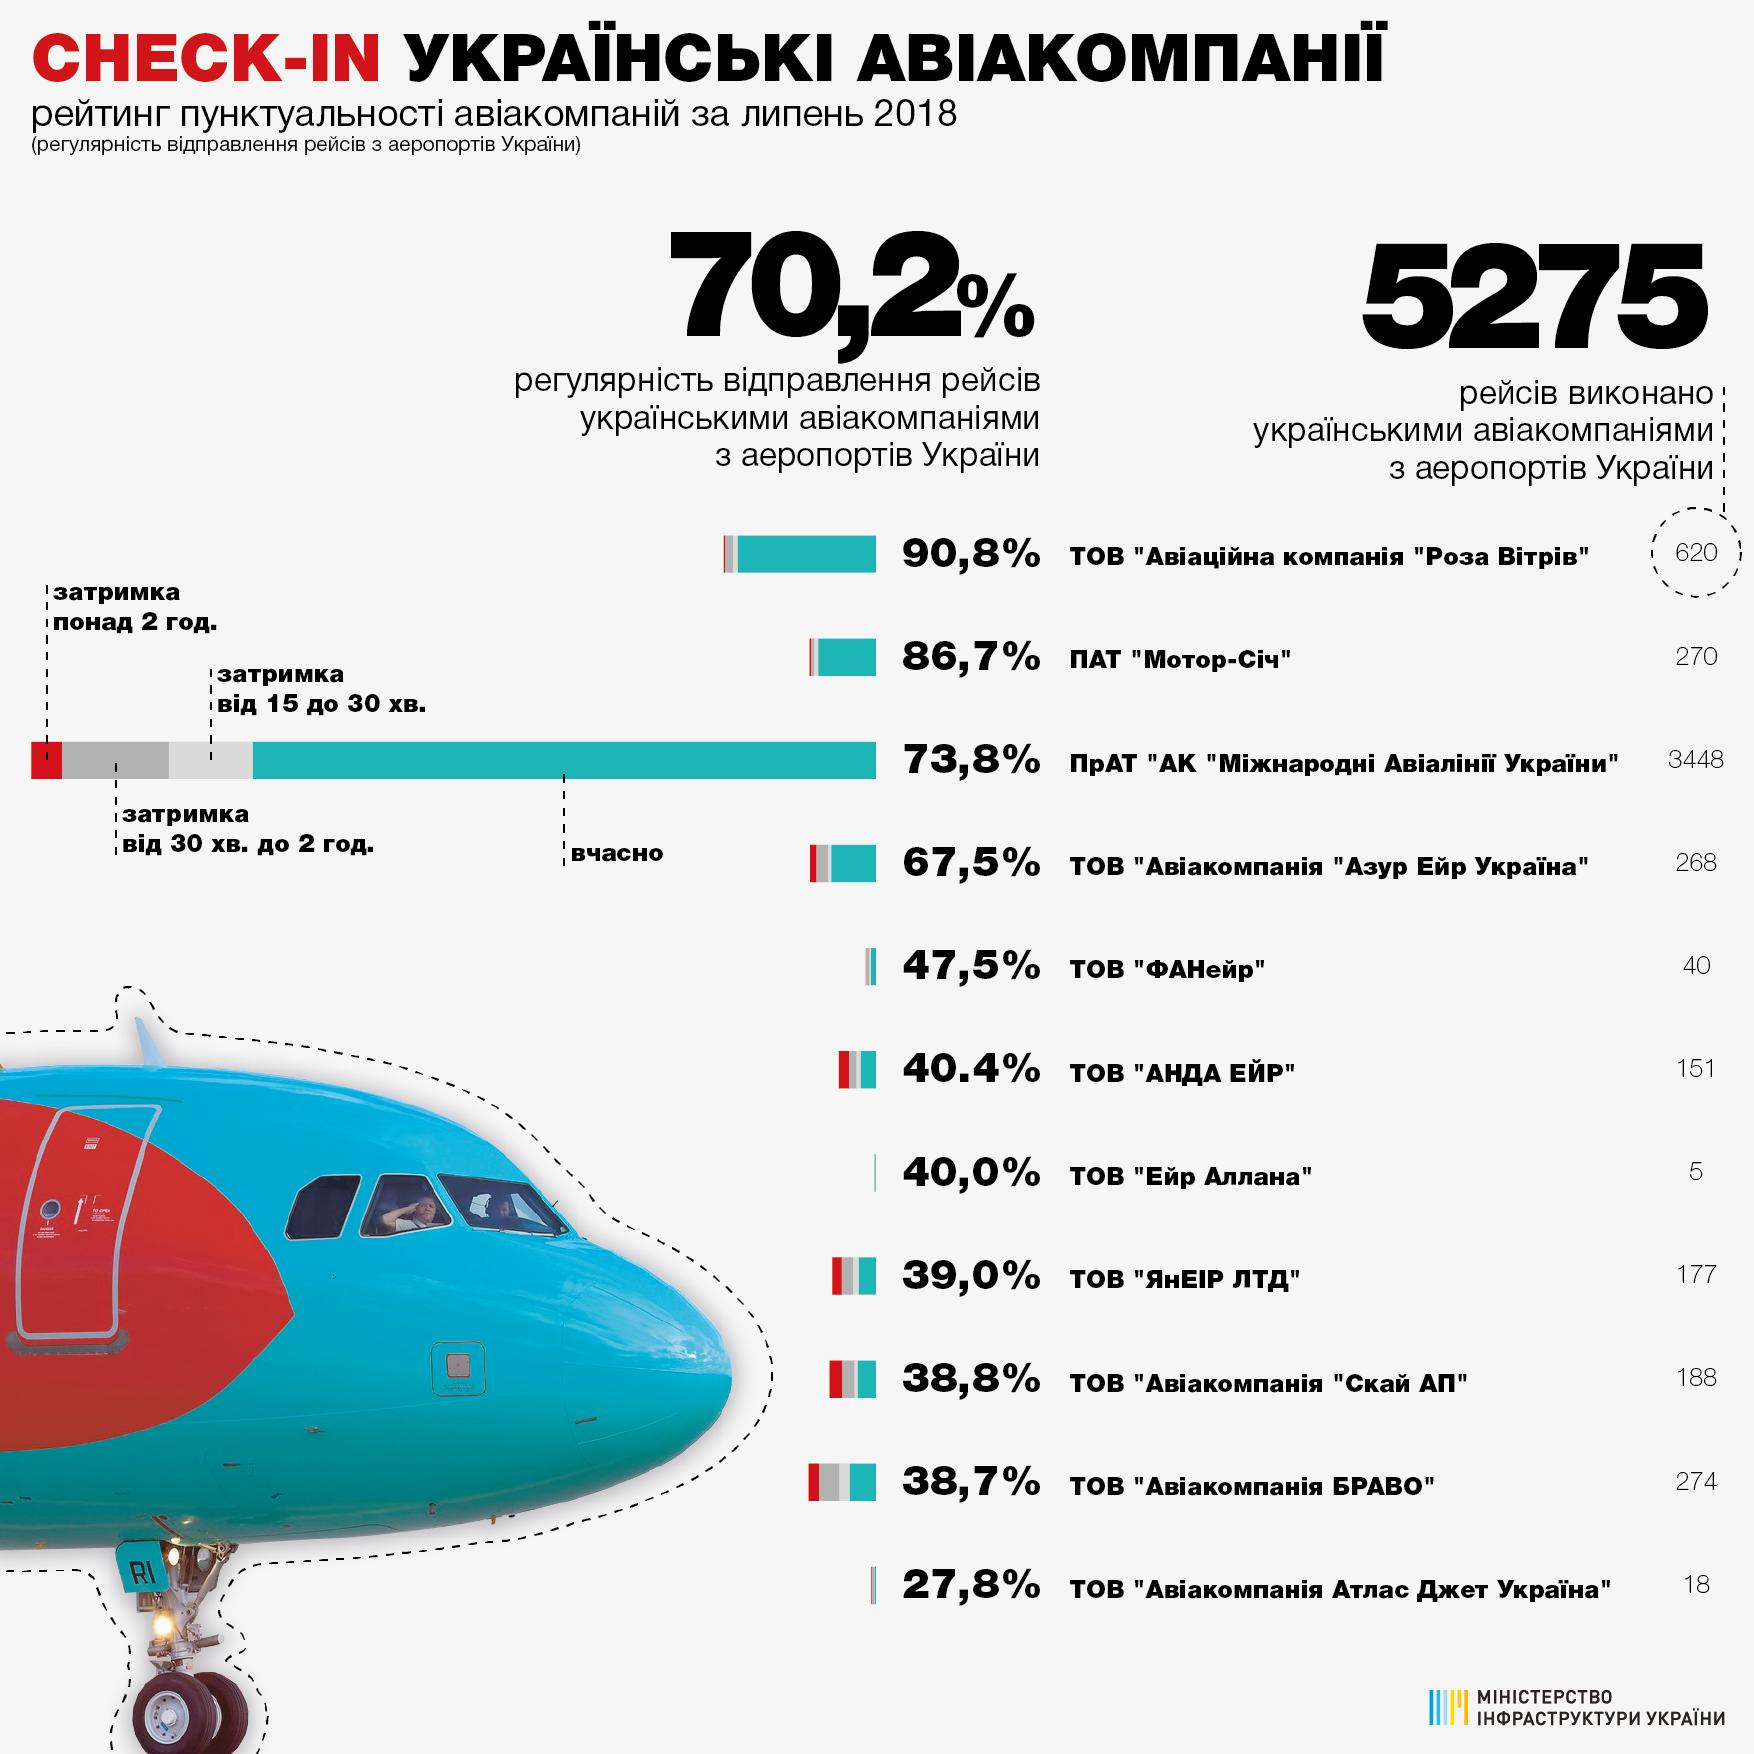 Работают, как часы: опубликован рейтинг самых пунктуальных авиакомпаний